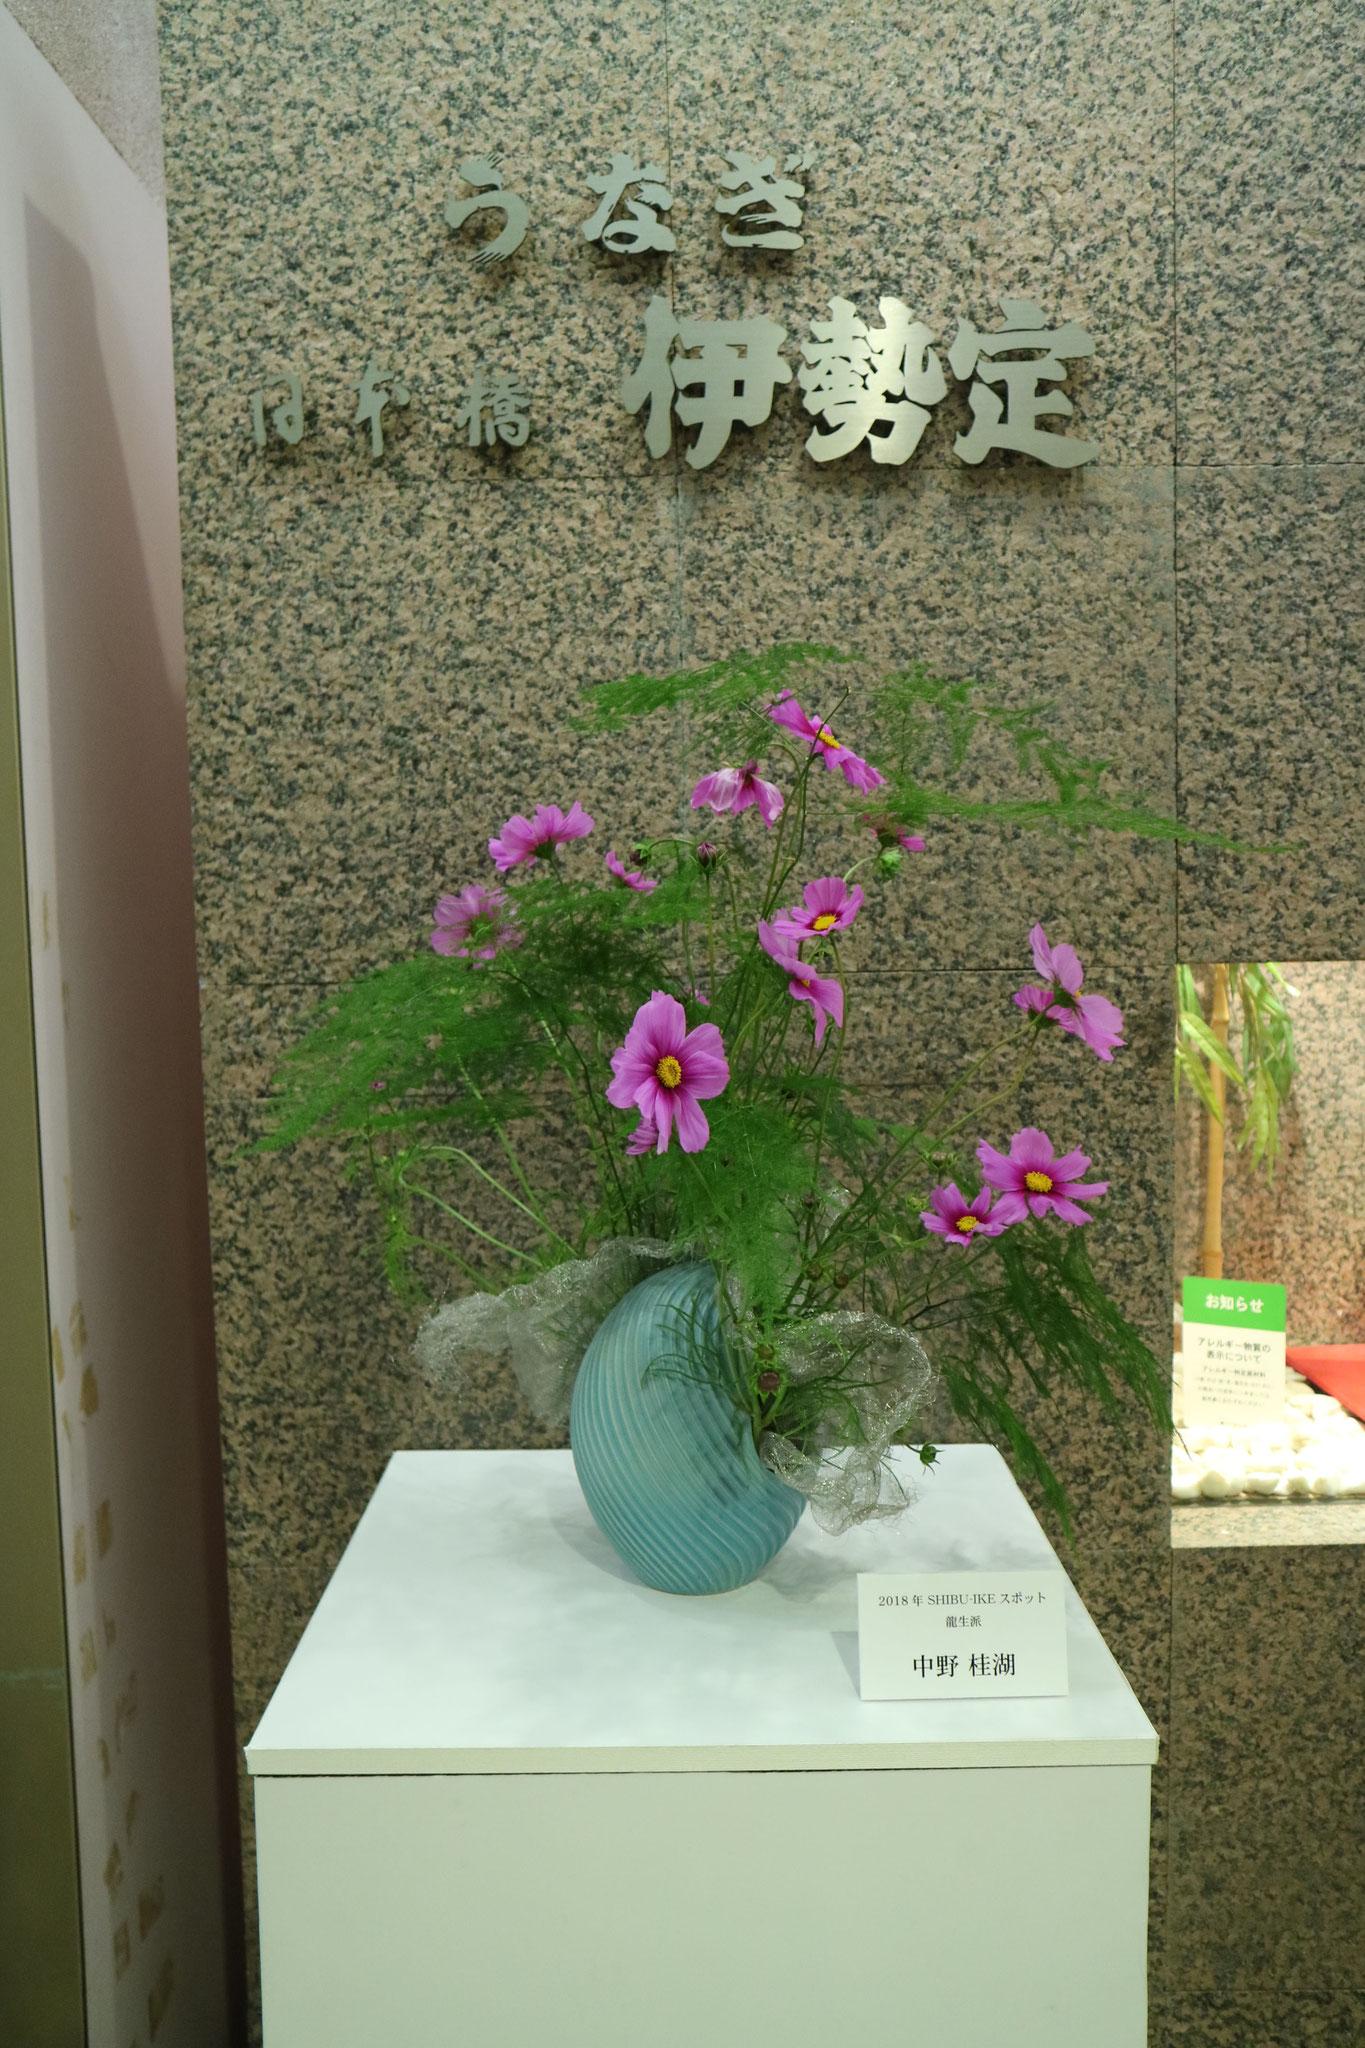 日本橋 伊勢定(いけばな:中野桂湖)